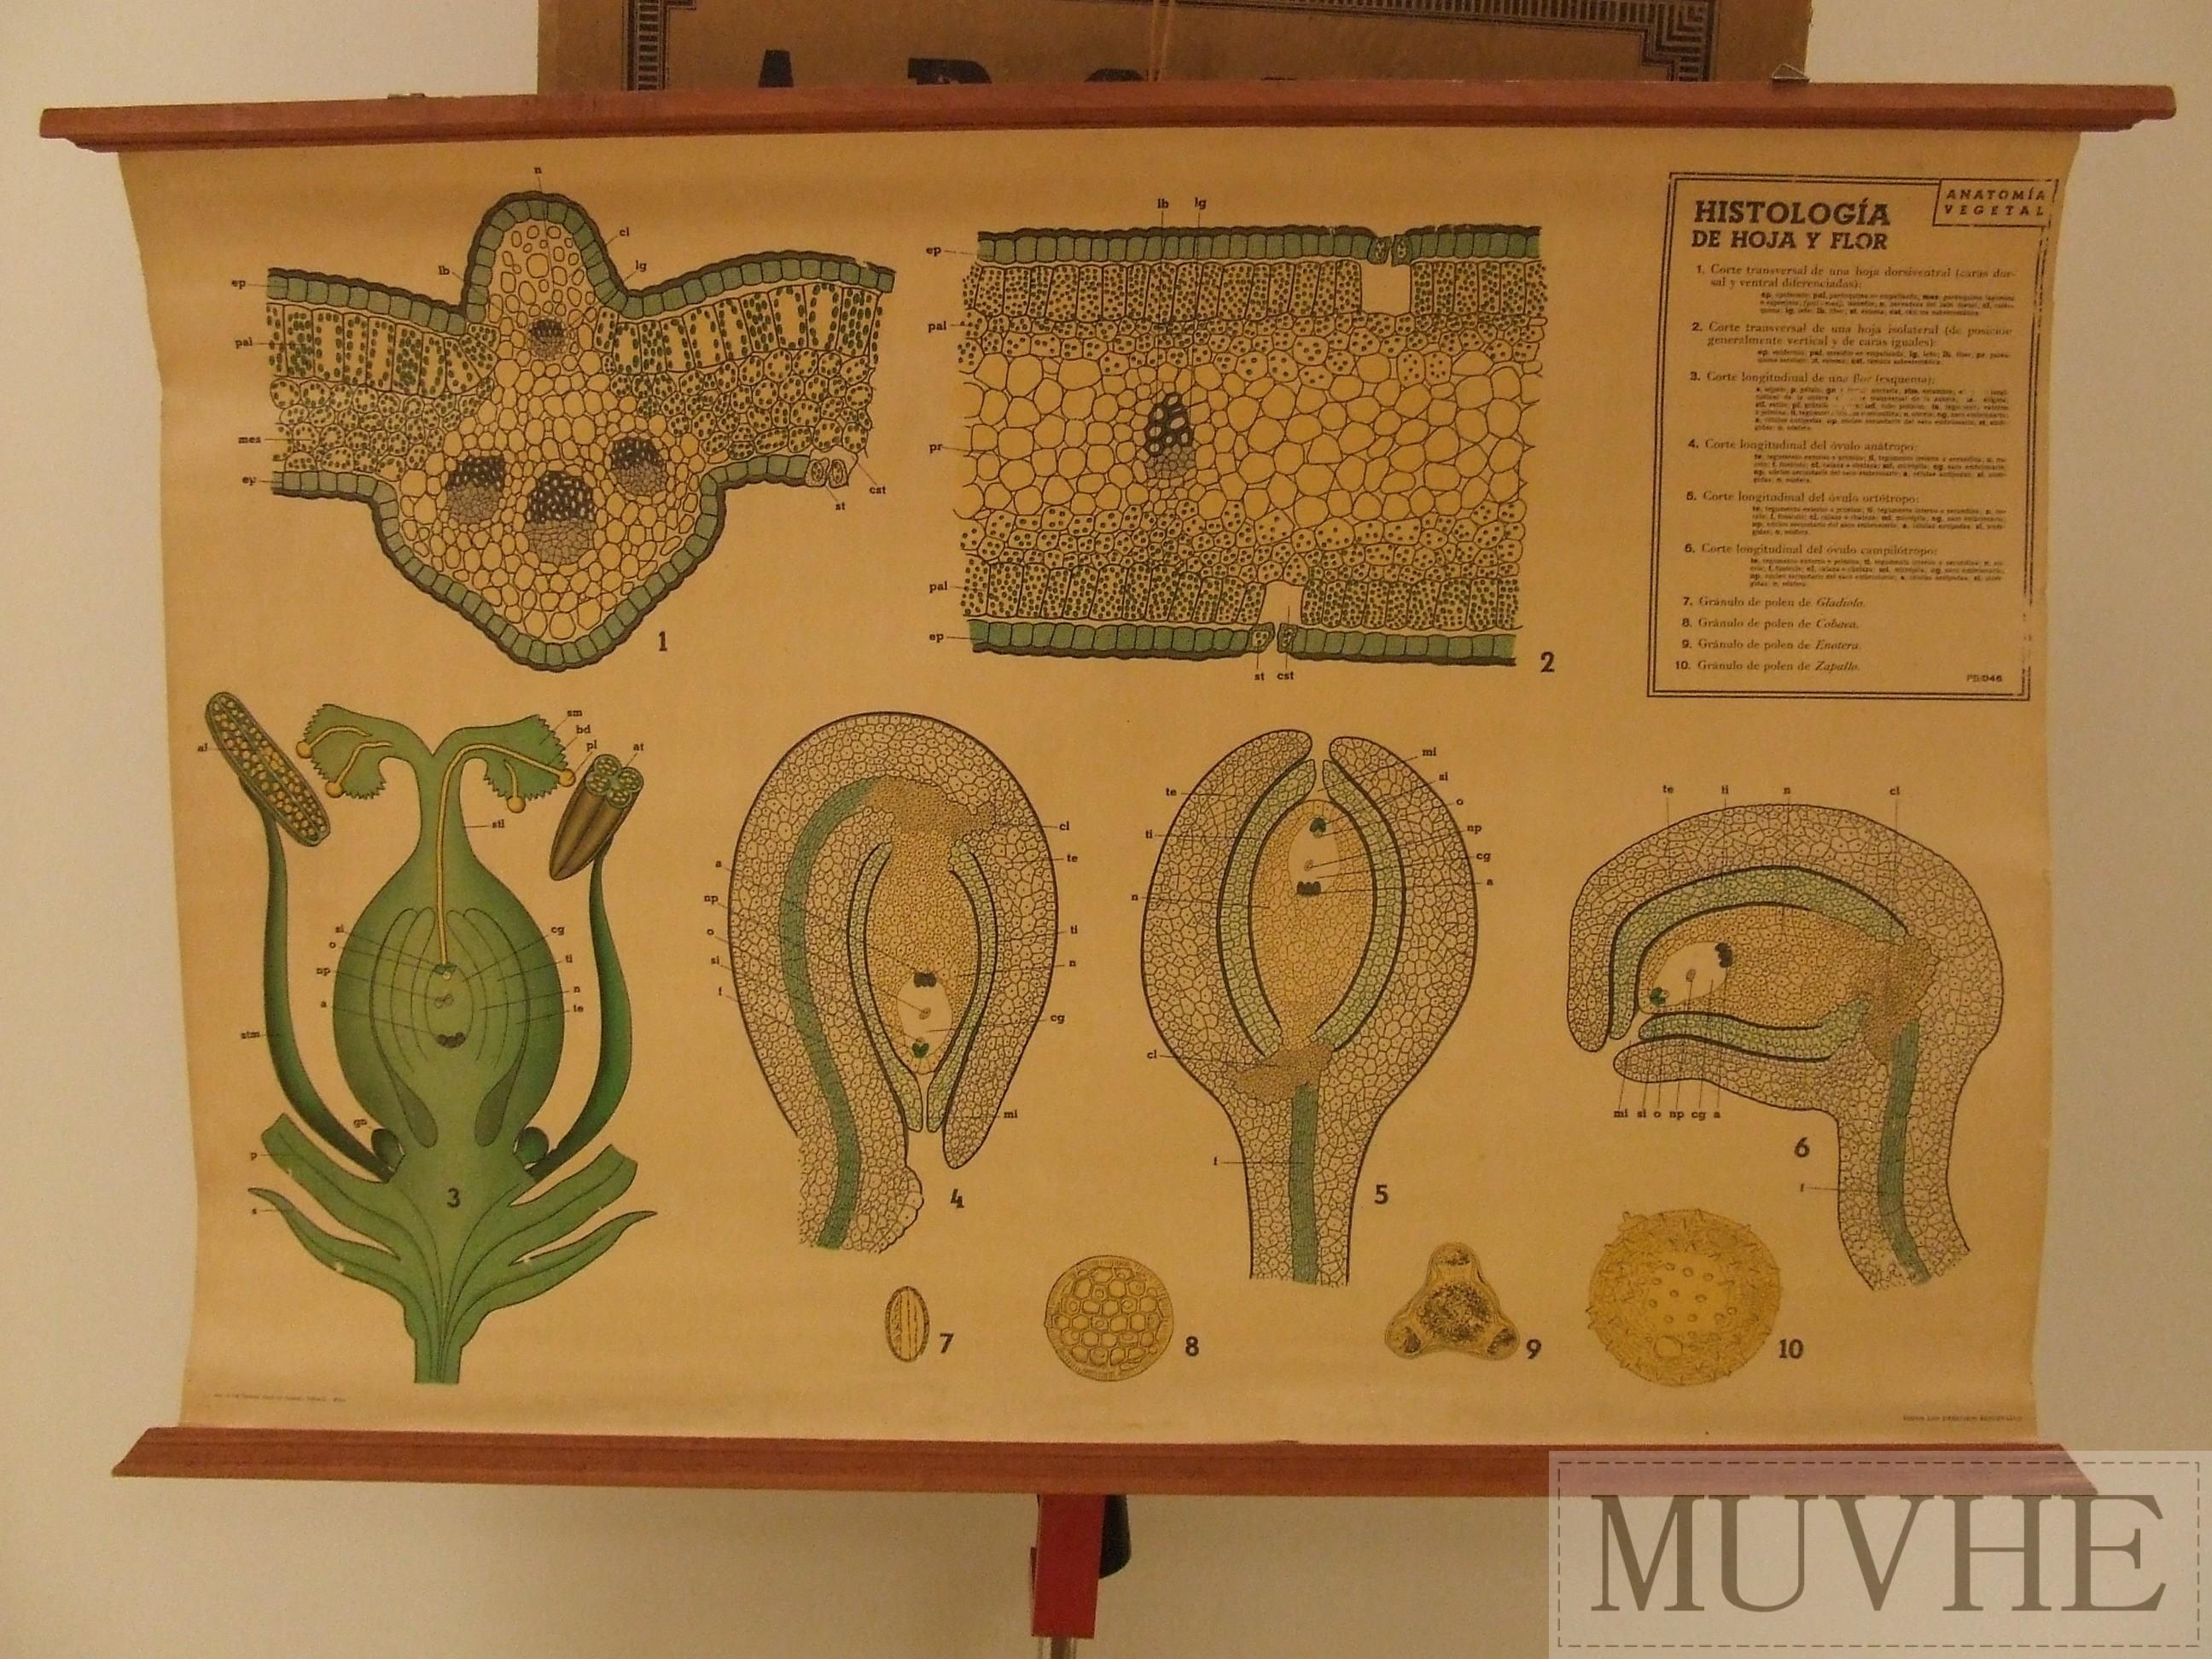 Lámina de histología de hoja y flor (anatomía vegetal). | MUVHE